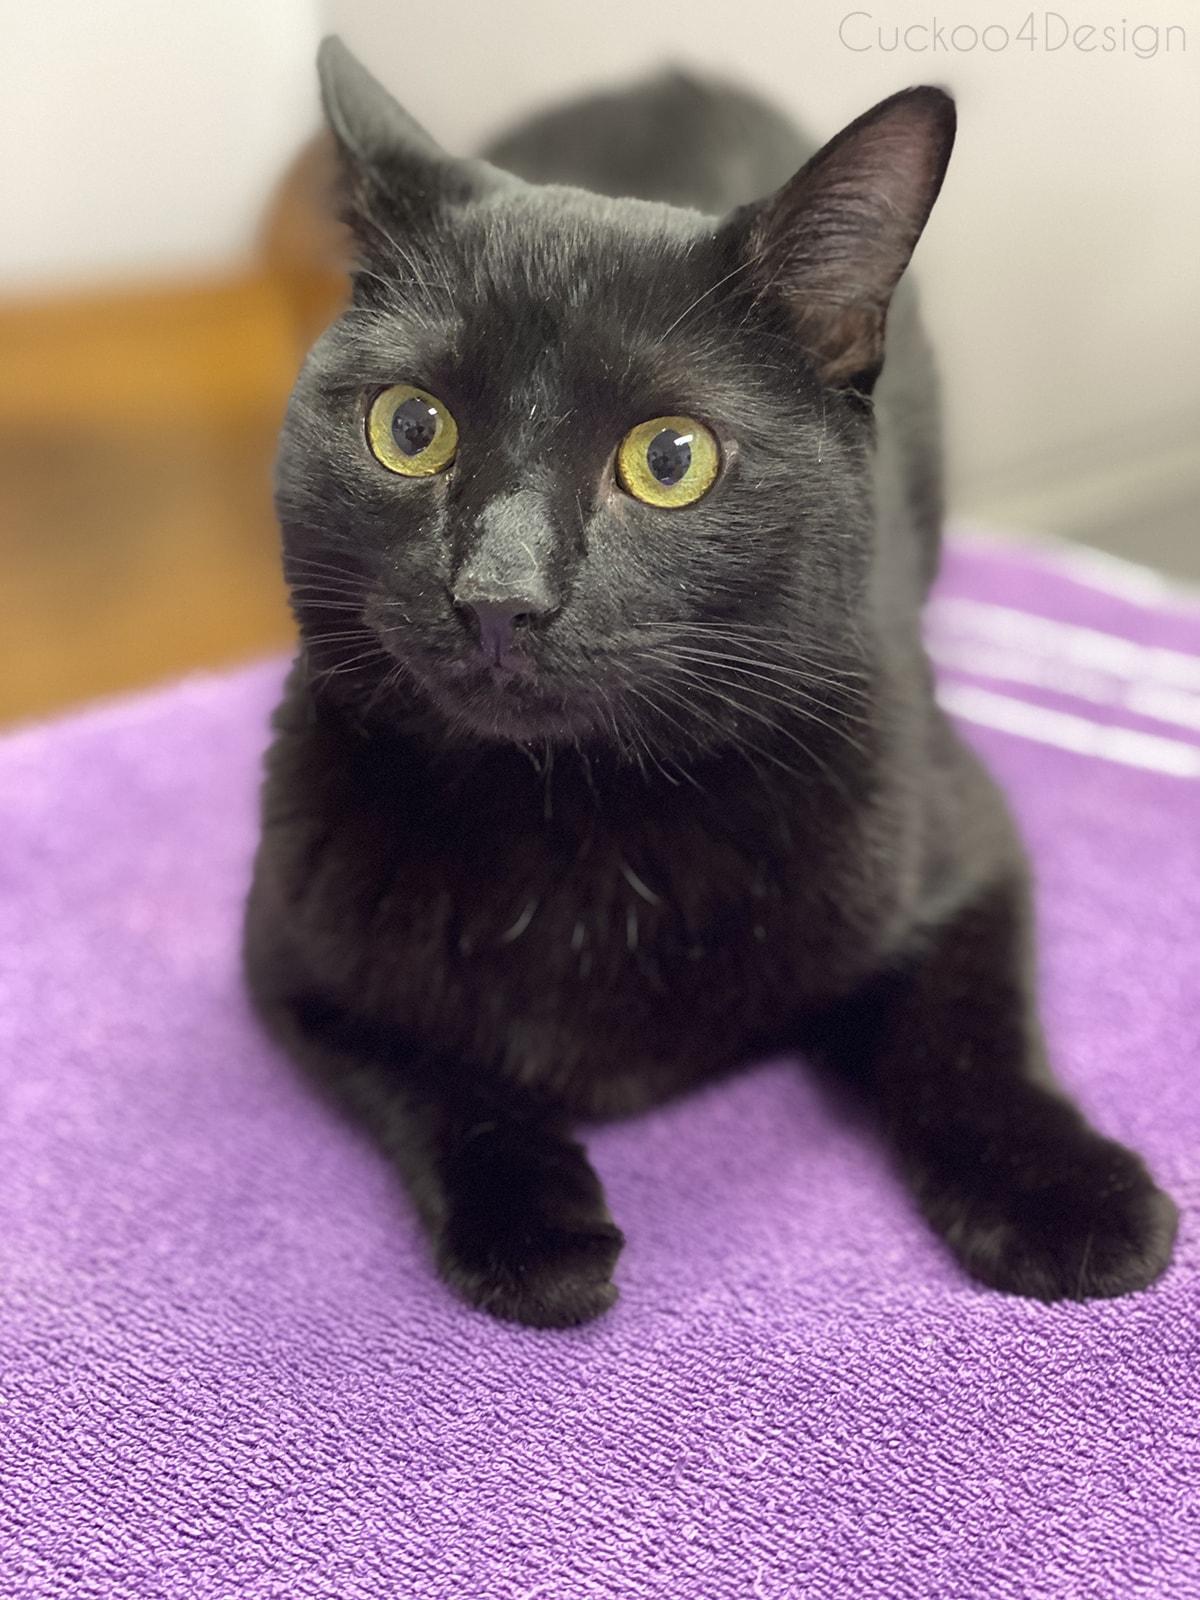 black cat at veterinarian getting shots